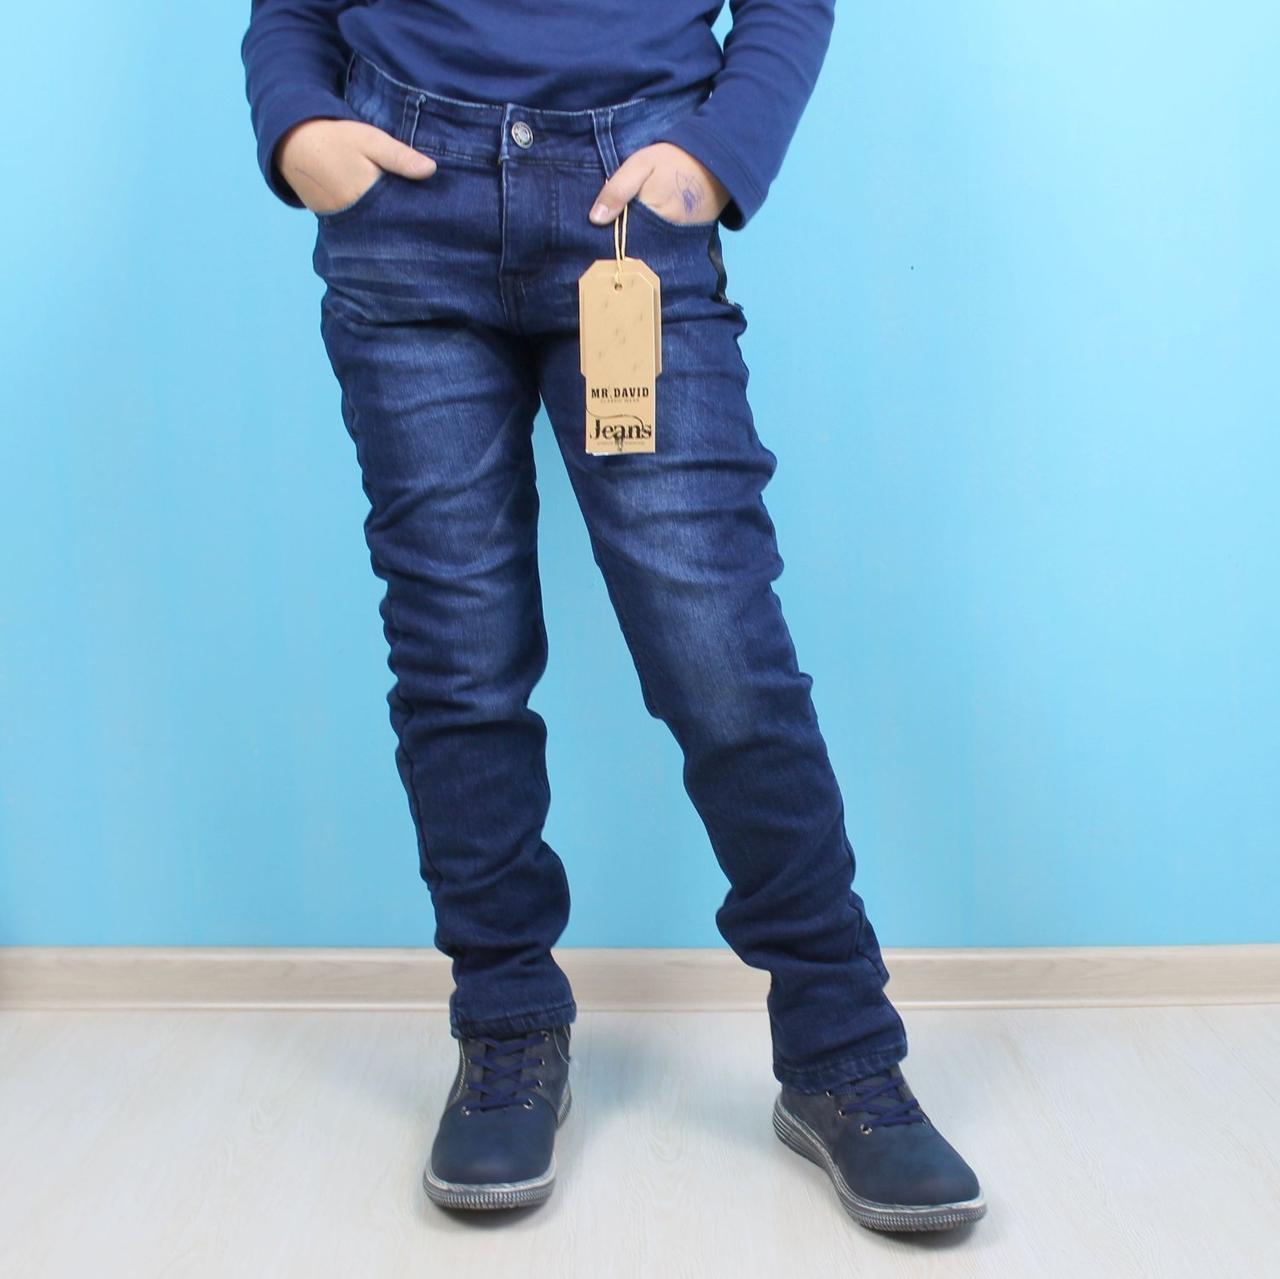 Теплые джинсы на флисе для мальчика тм MR. David размер/рост 164 см